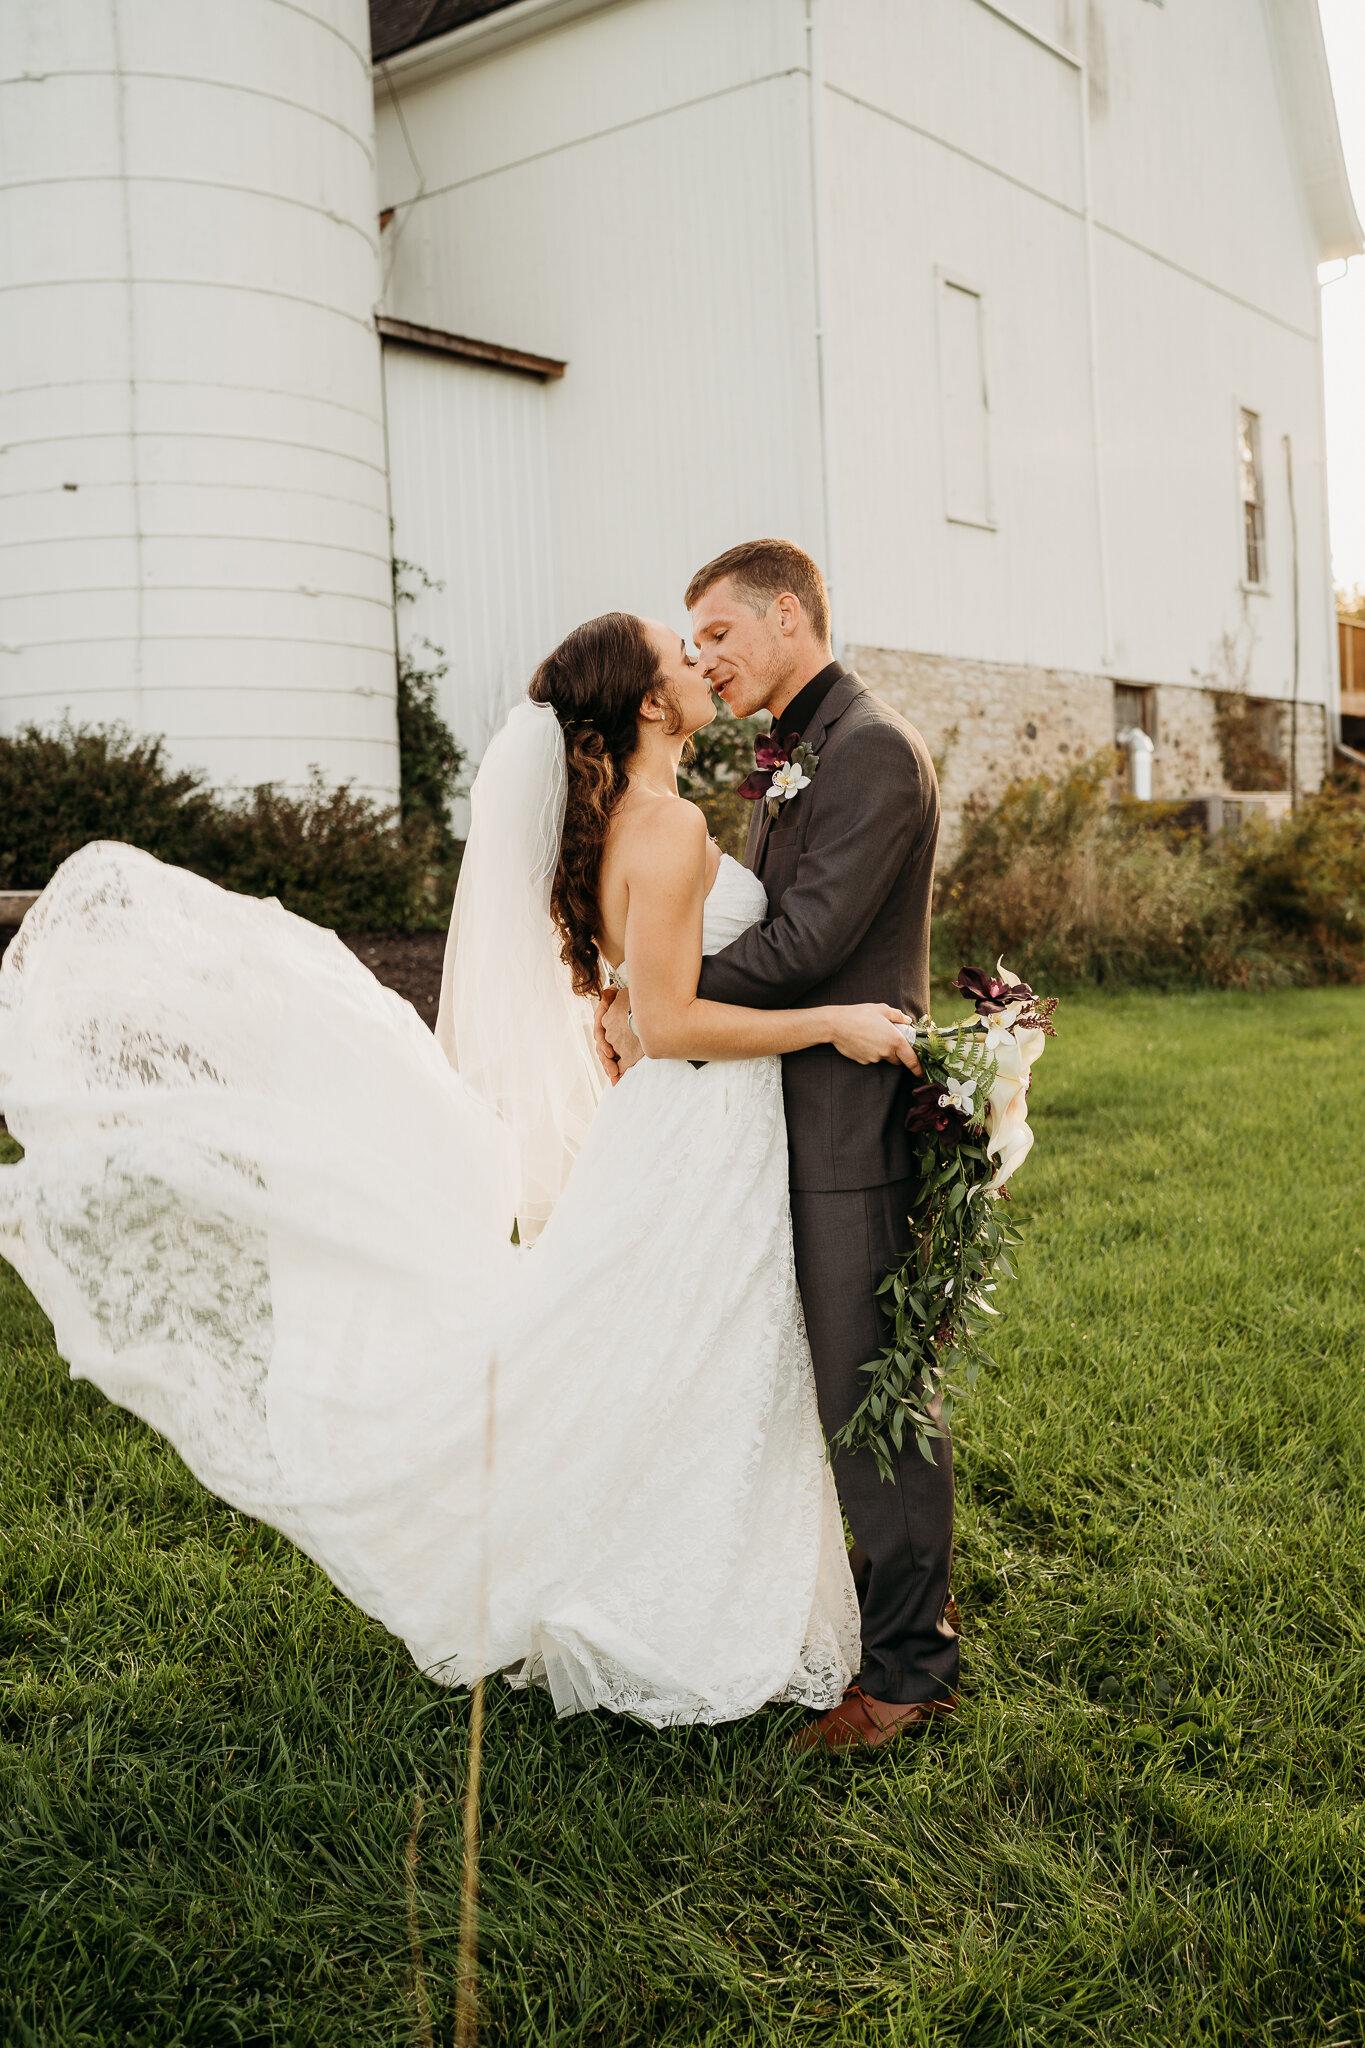 Amanda + Eric Wedding Cobblestone wedding barn -02158.jpg